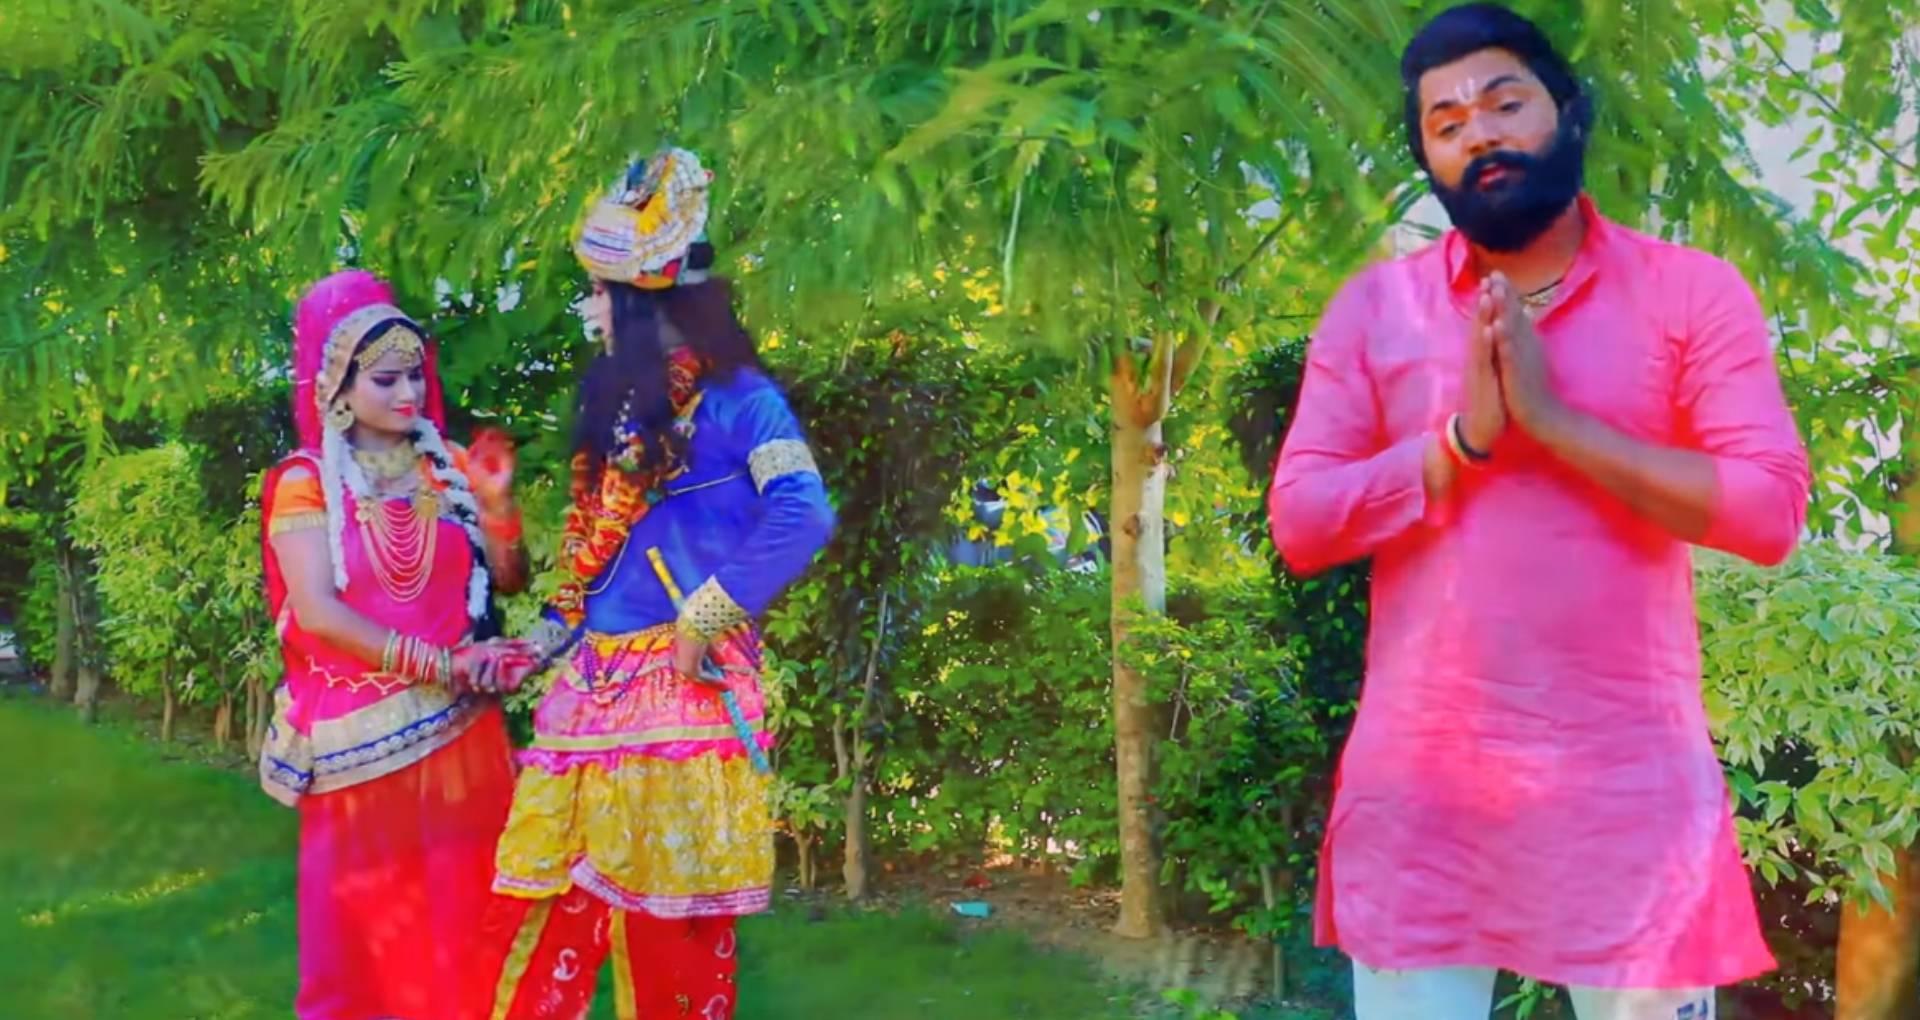 Janmashtami Bhojpuri Song: कान्हा की माखन चोरी से दुखी हुईं यशोदा मैया, देखिए समर सिंह का ये कृष्ण भक्ति सॉन्ग